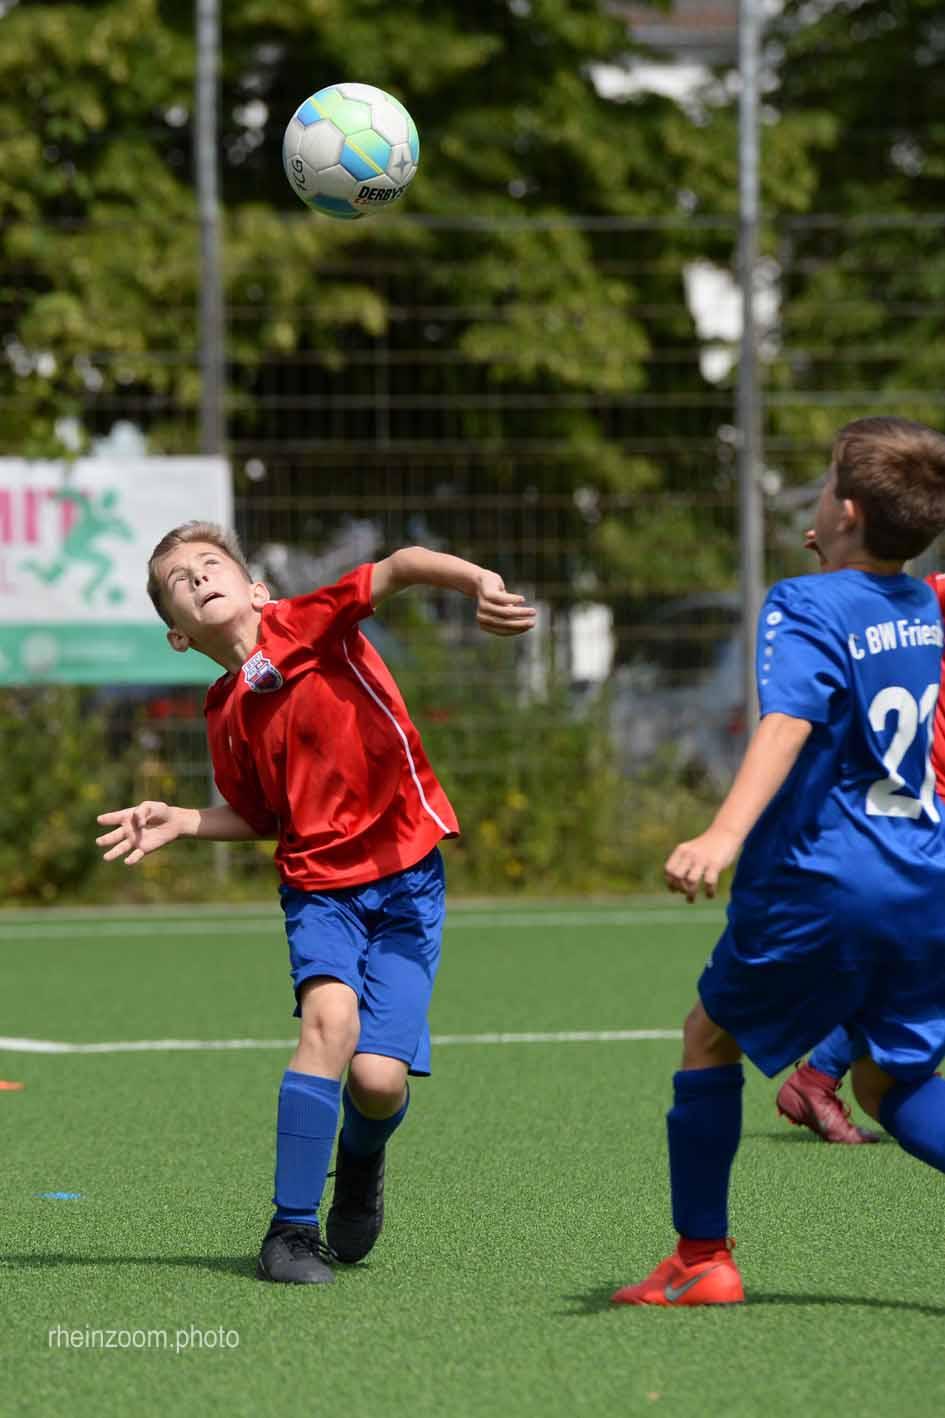 DSC_9423 Kreispokal 2019 E-Juniorren Bonner SC - BW Friesdorf